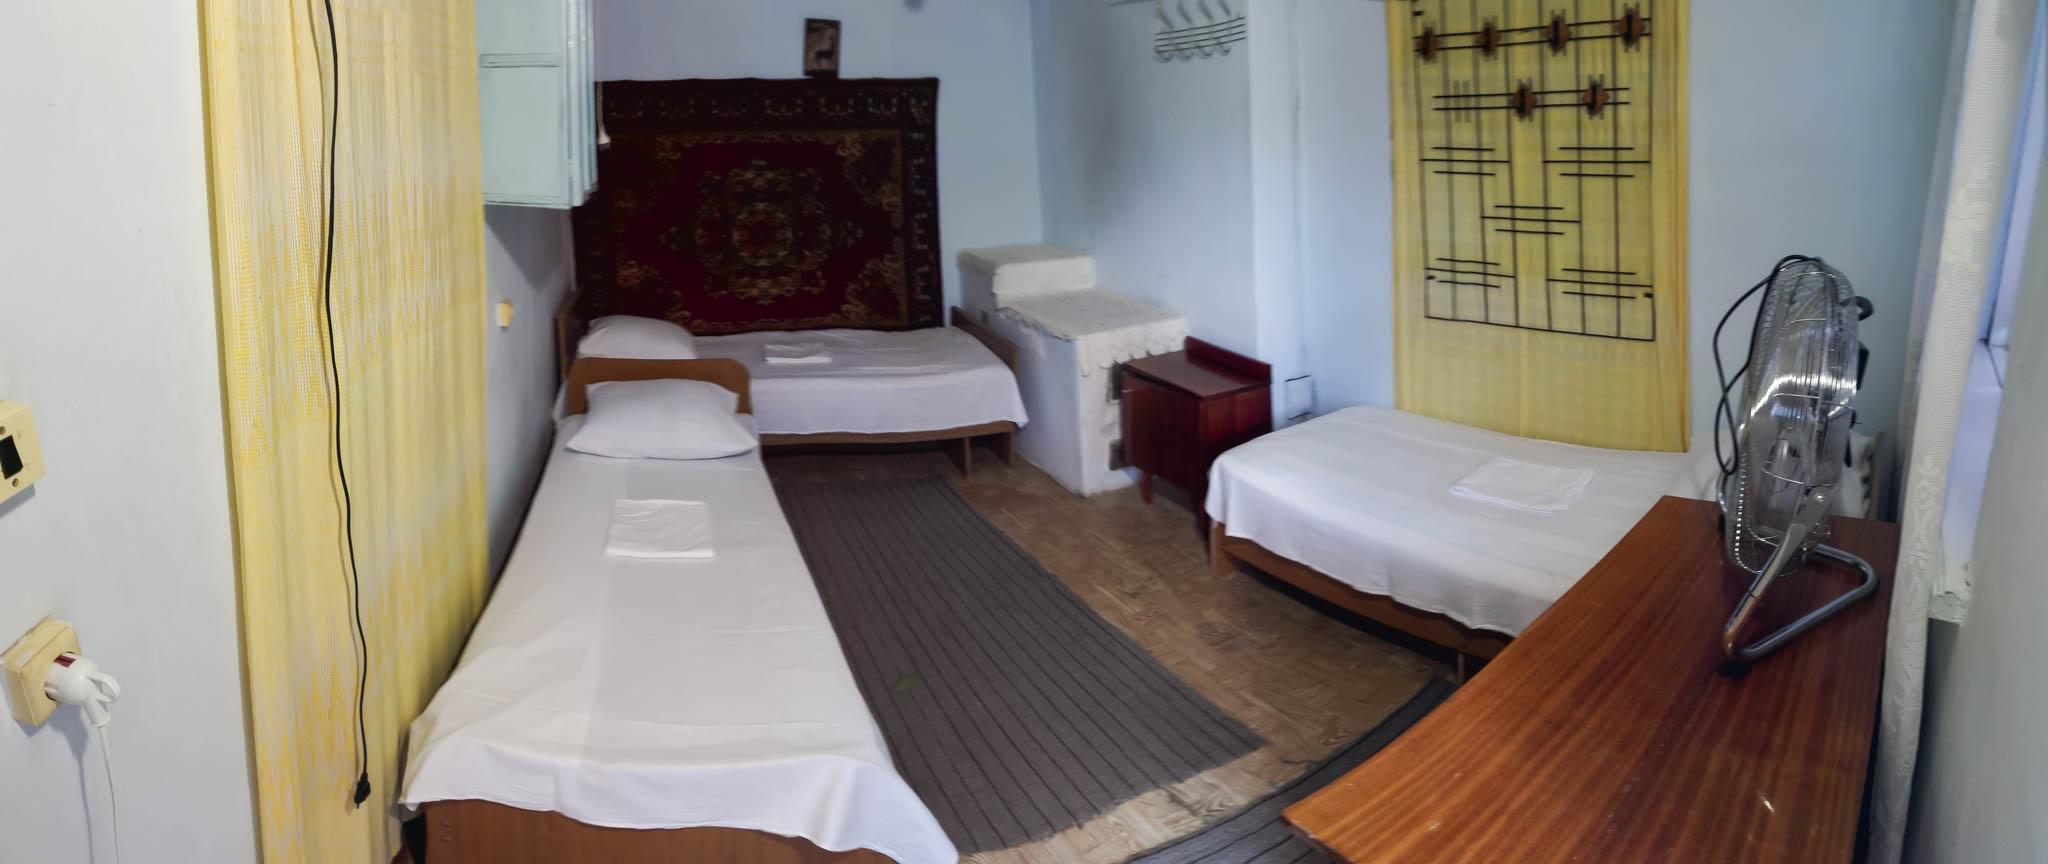 гостиница лоунж пласе, 89531053513, частный сектор